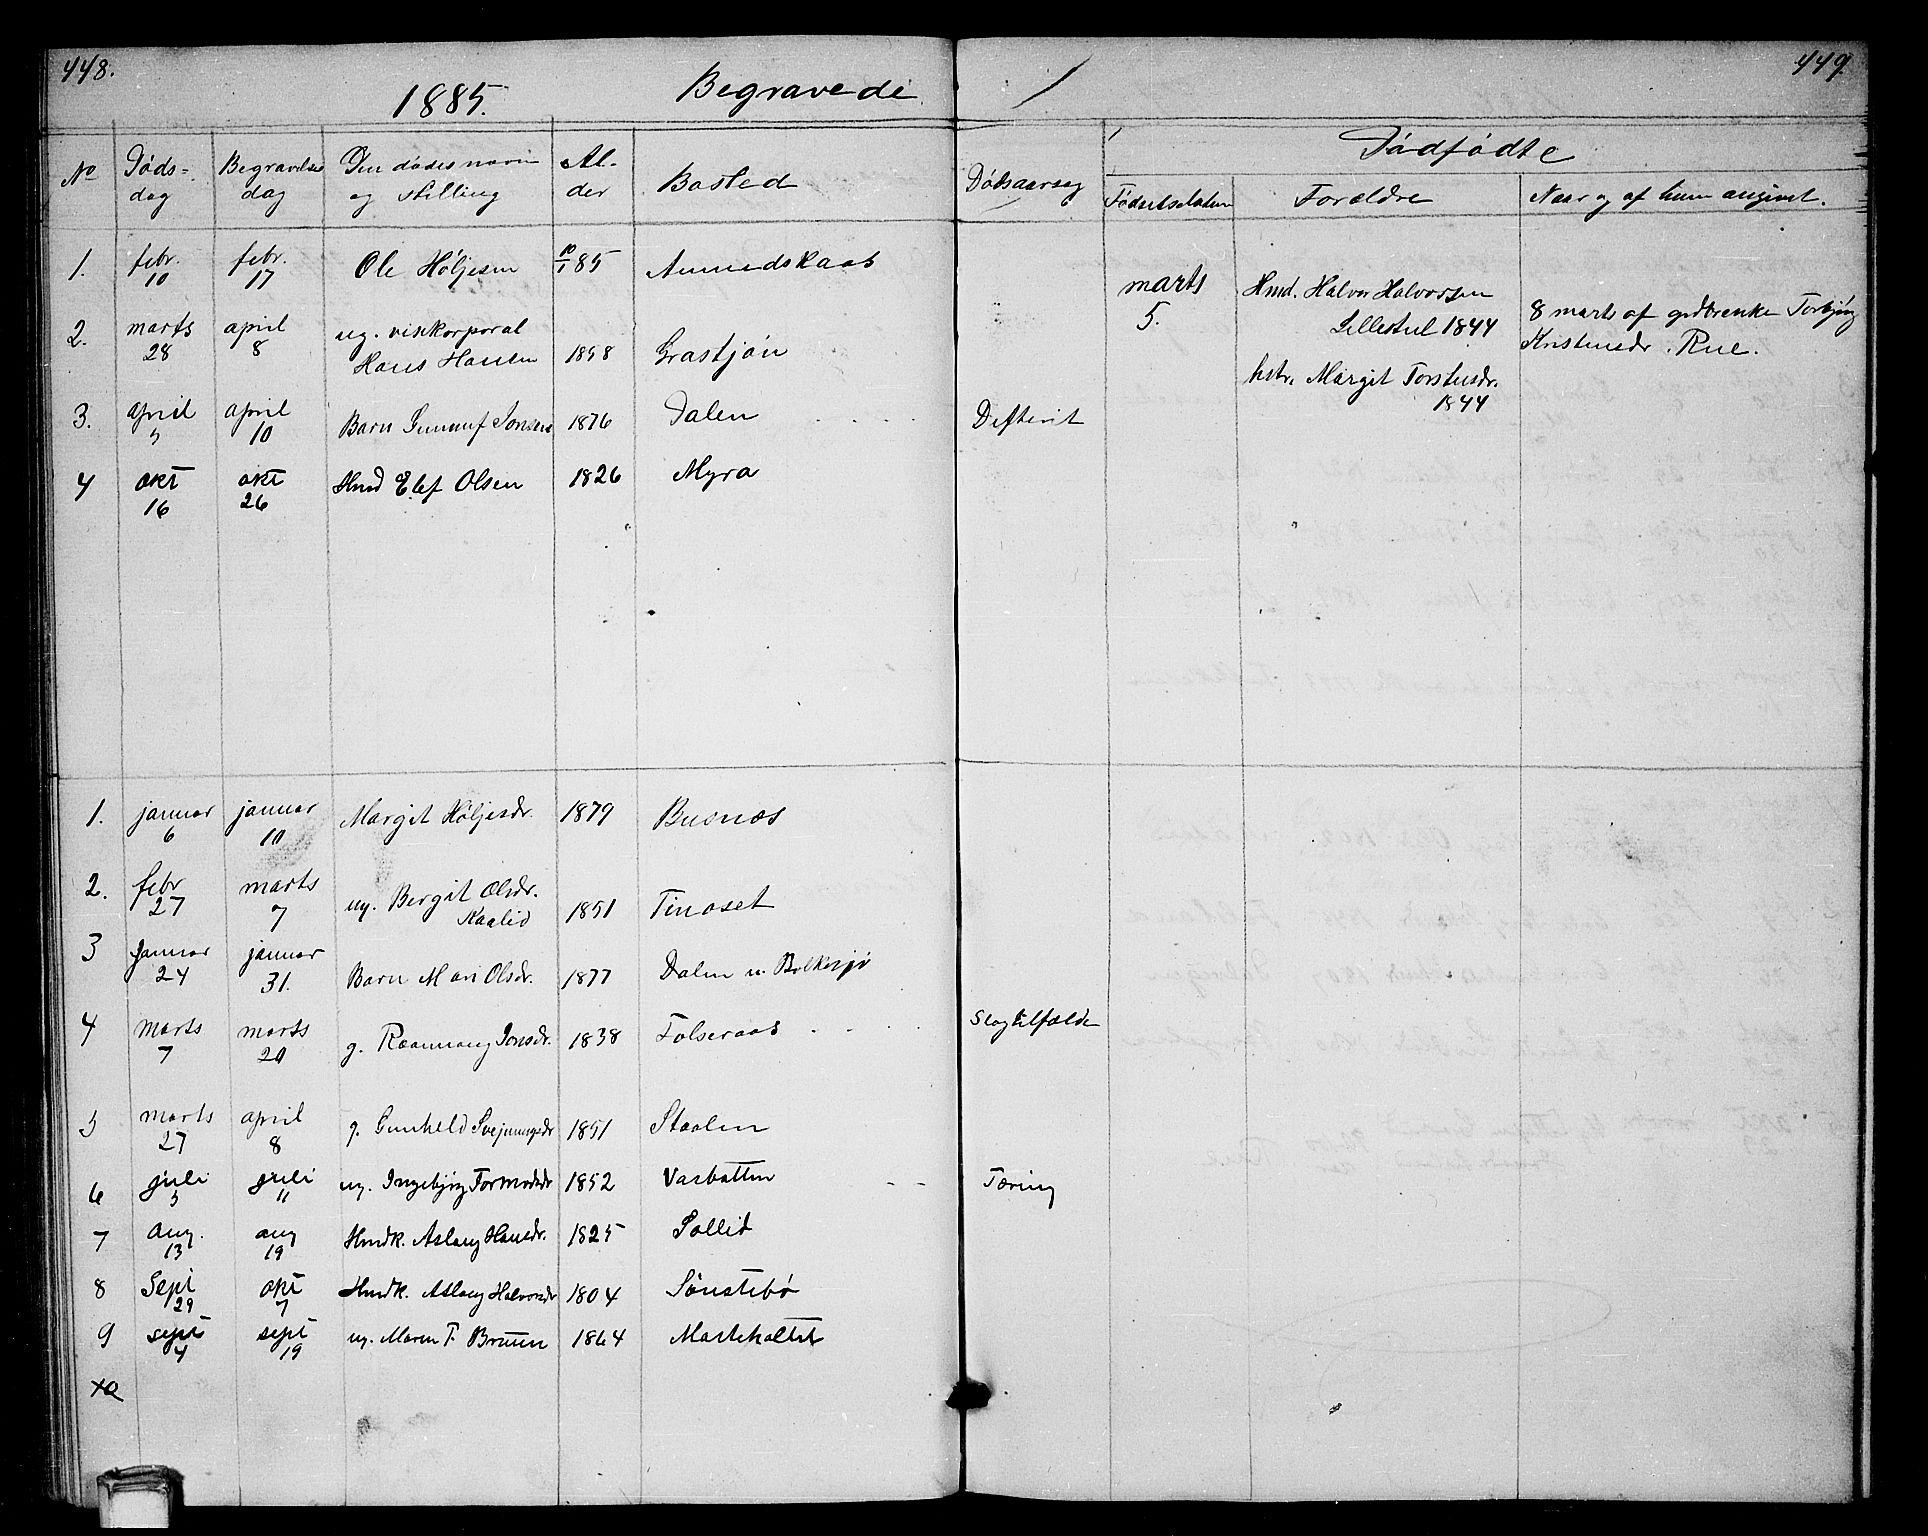 SAKO, Gransherad kirkebøker, G/Ga/L0002: Klokkerbok nr. I 2, 1854-1886, s. 448-449